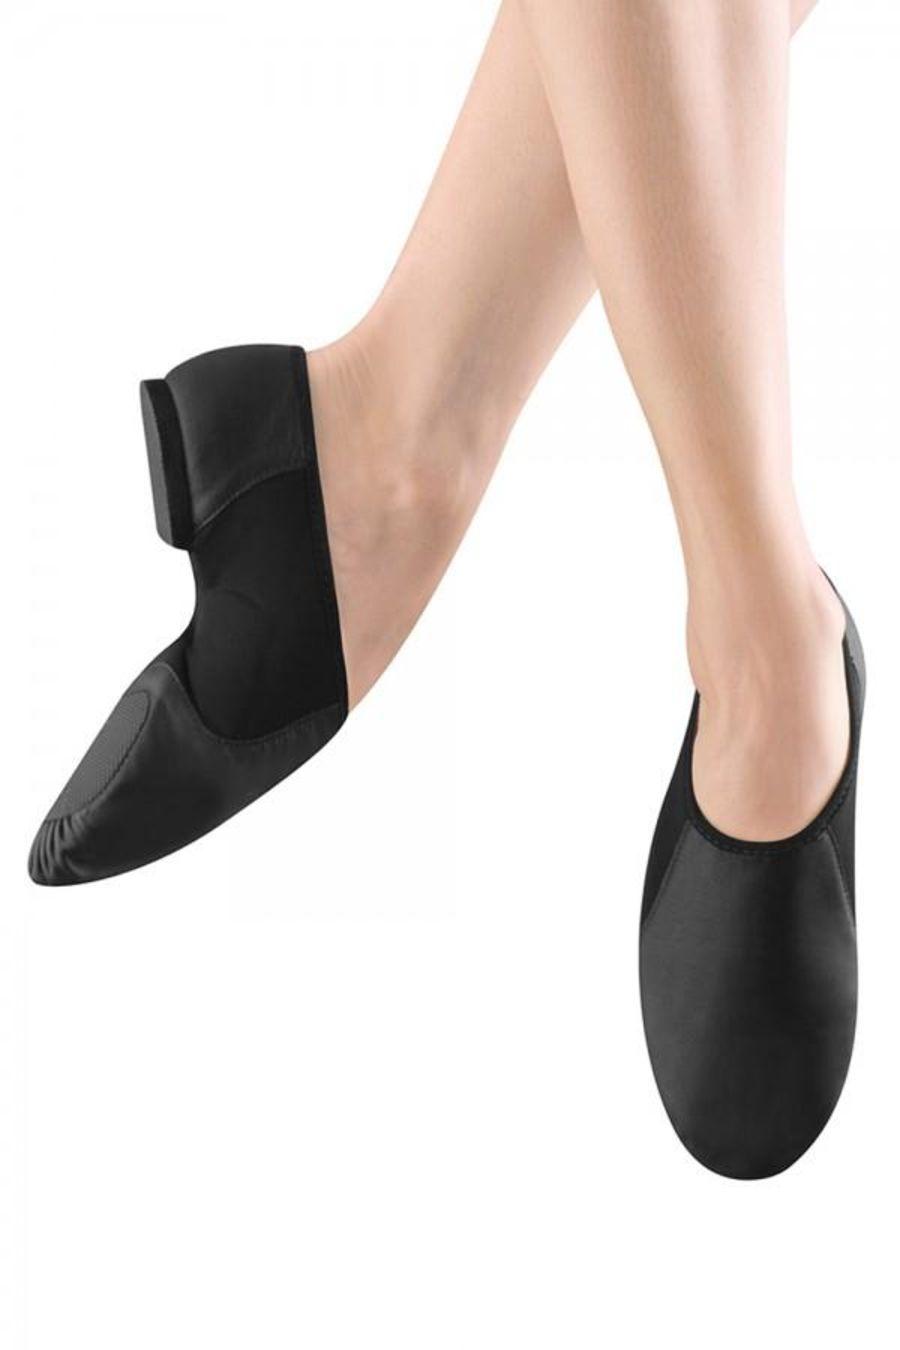 Bloch SO495 Neoflex Split Sole Slip on Jazz Dance shoes Black